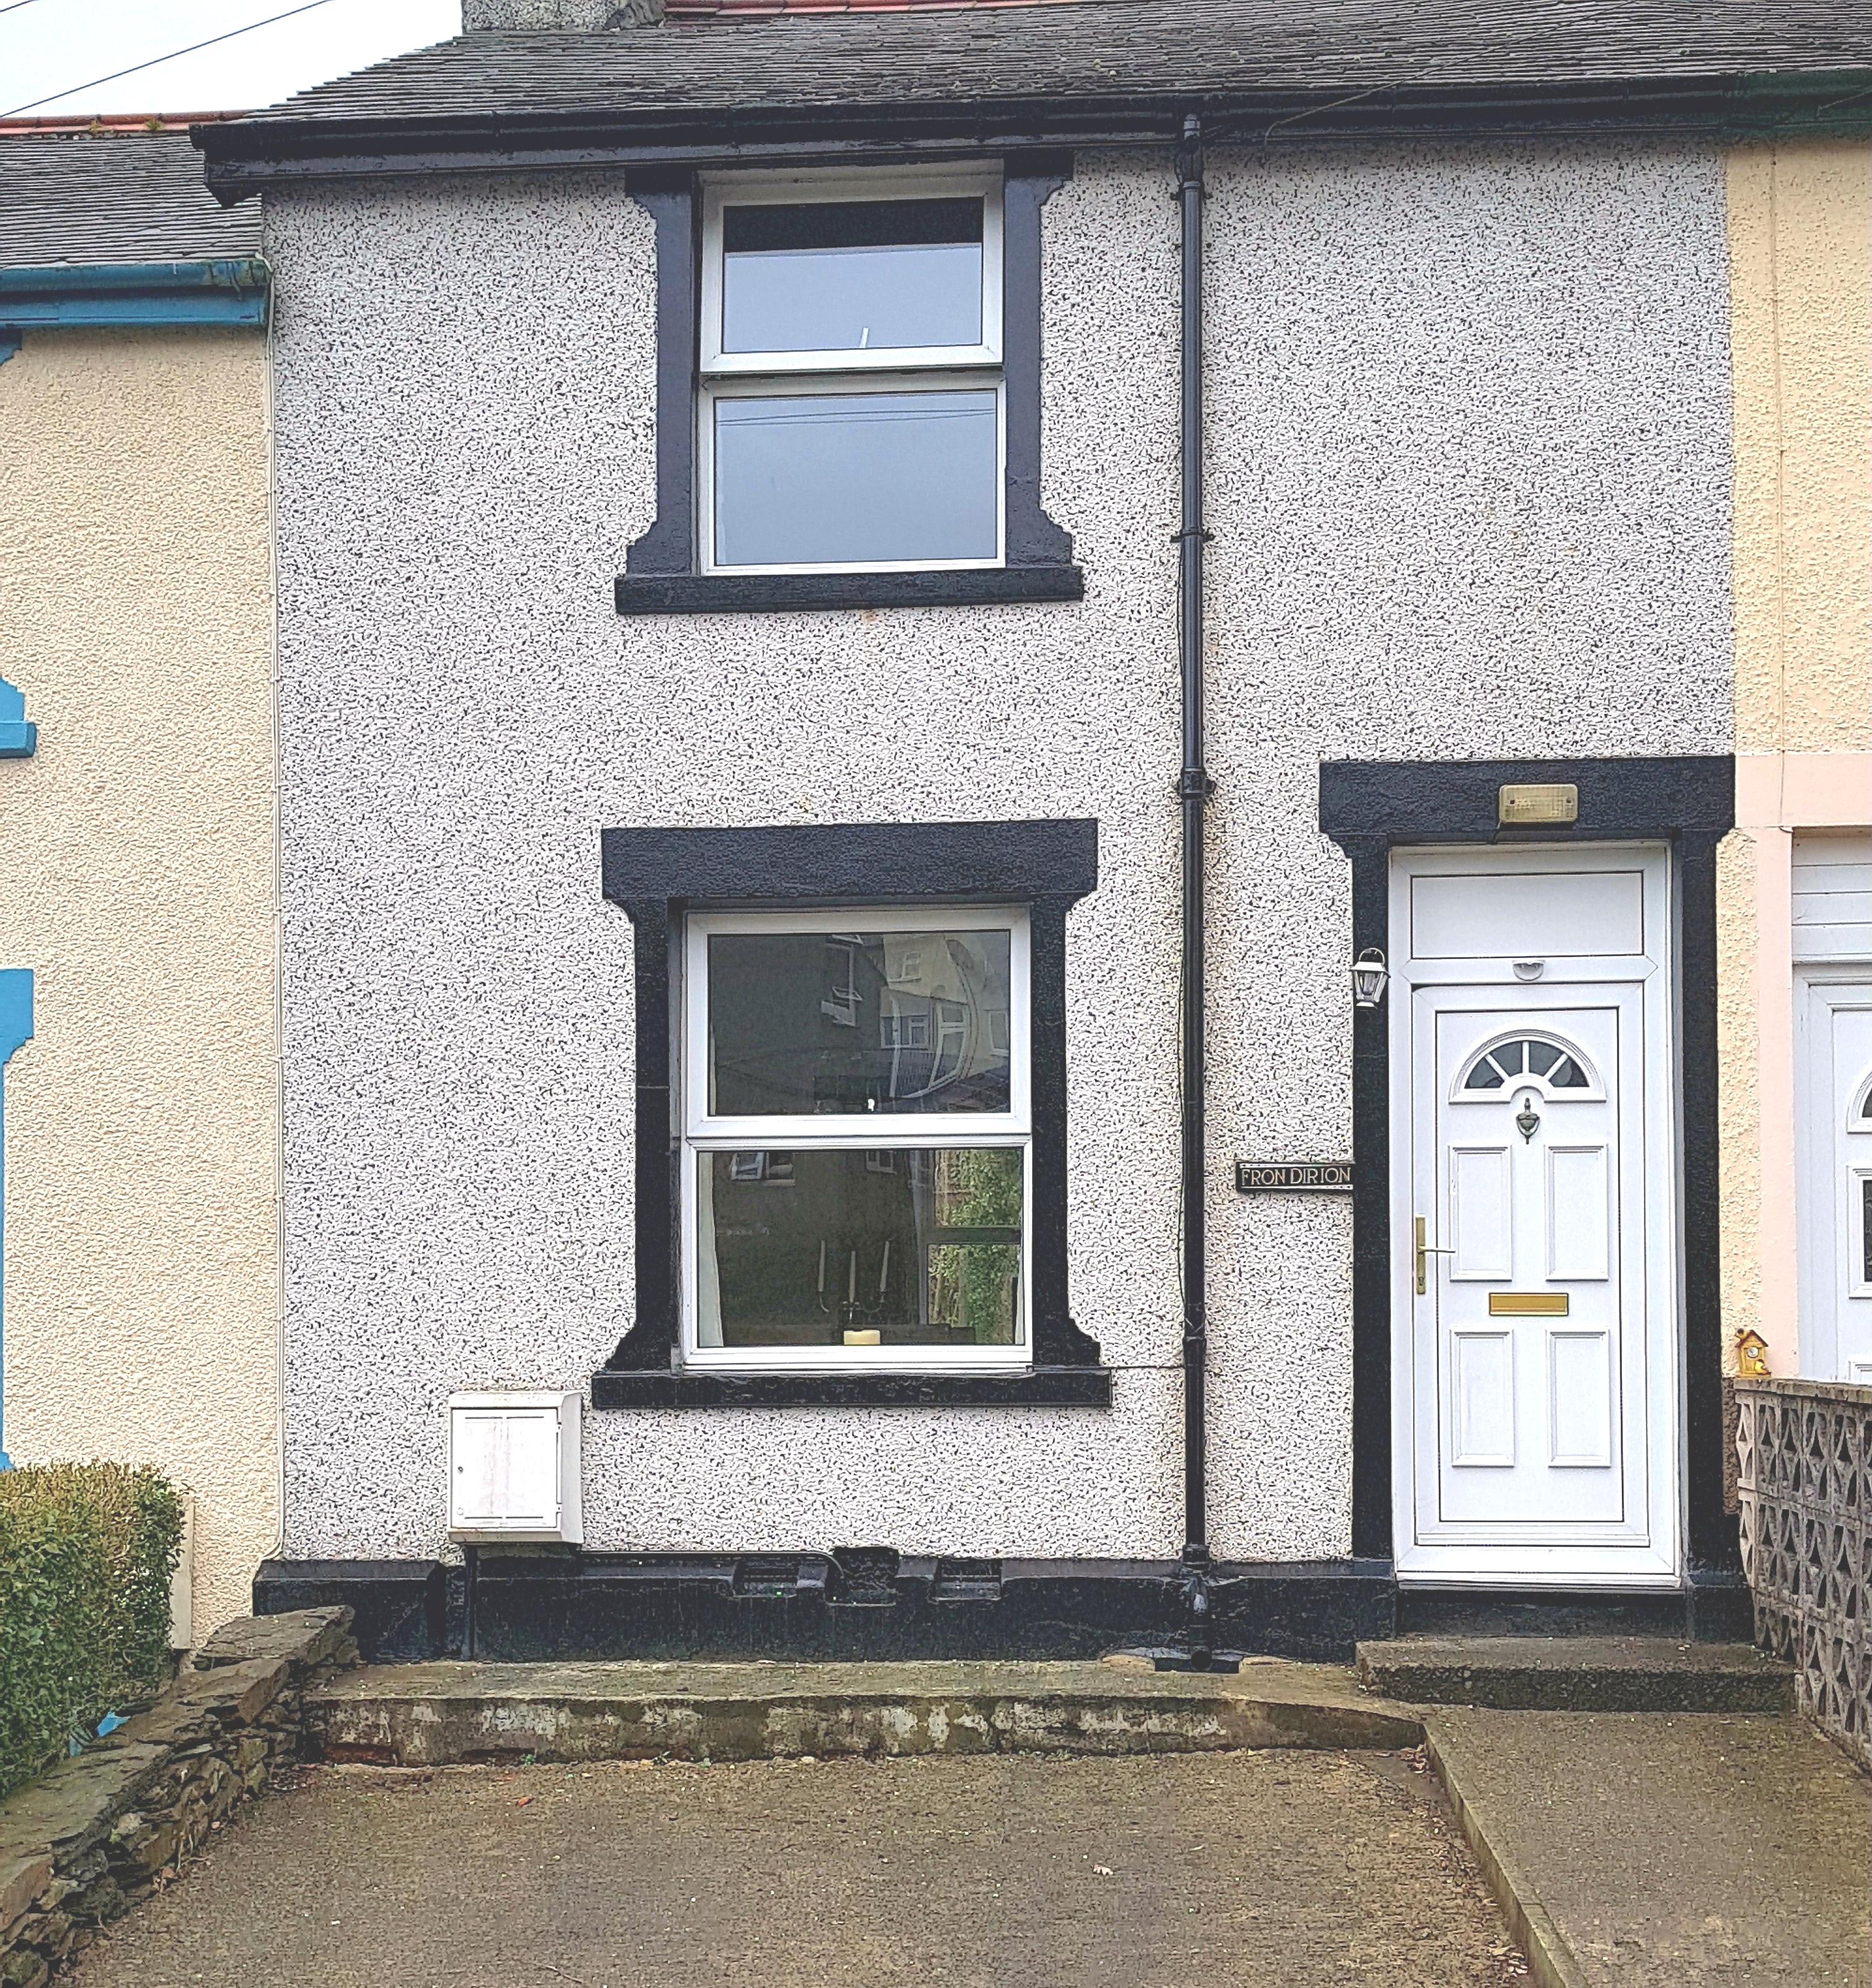 5 Cowlyd Terrace, Trefriw, Conwy. LL27 0SZ